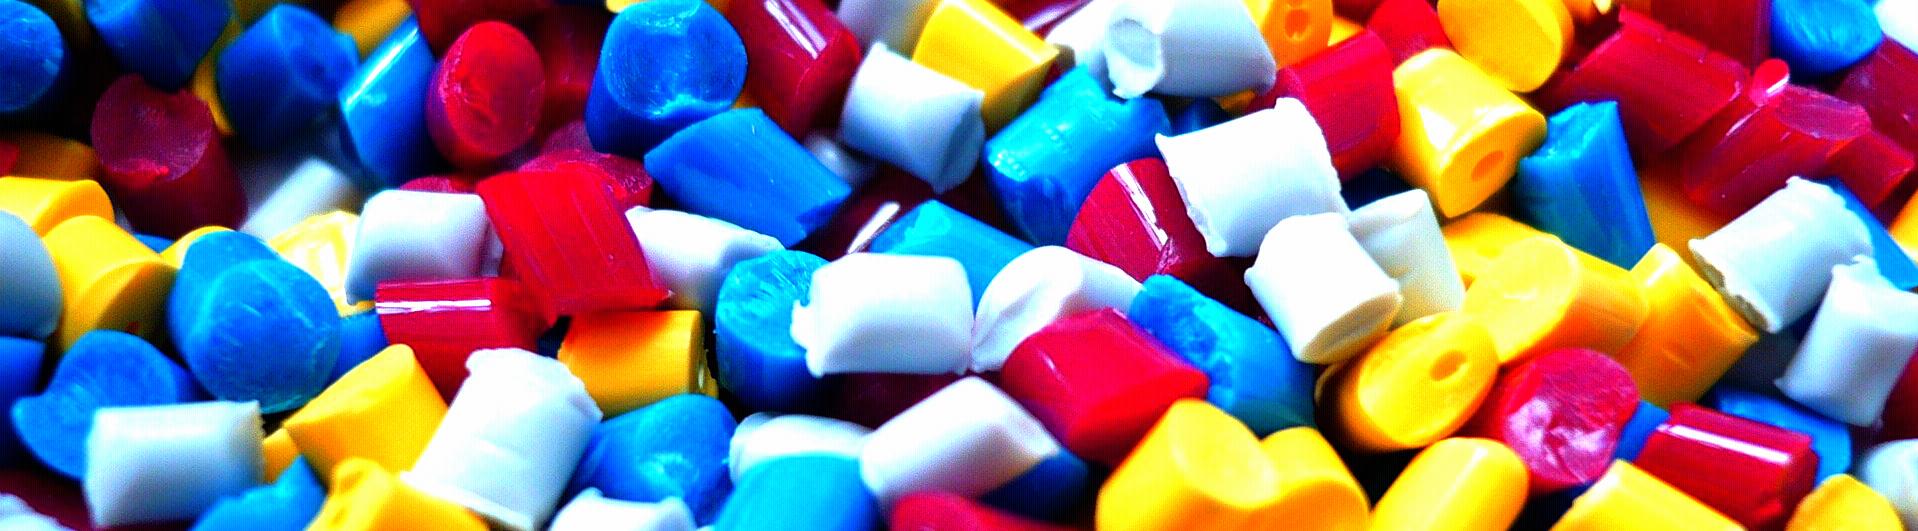 plastic-1061731_1920